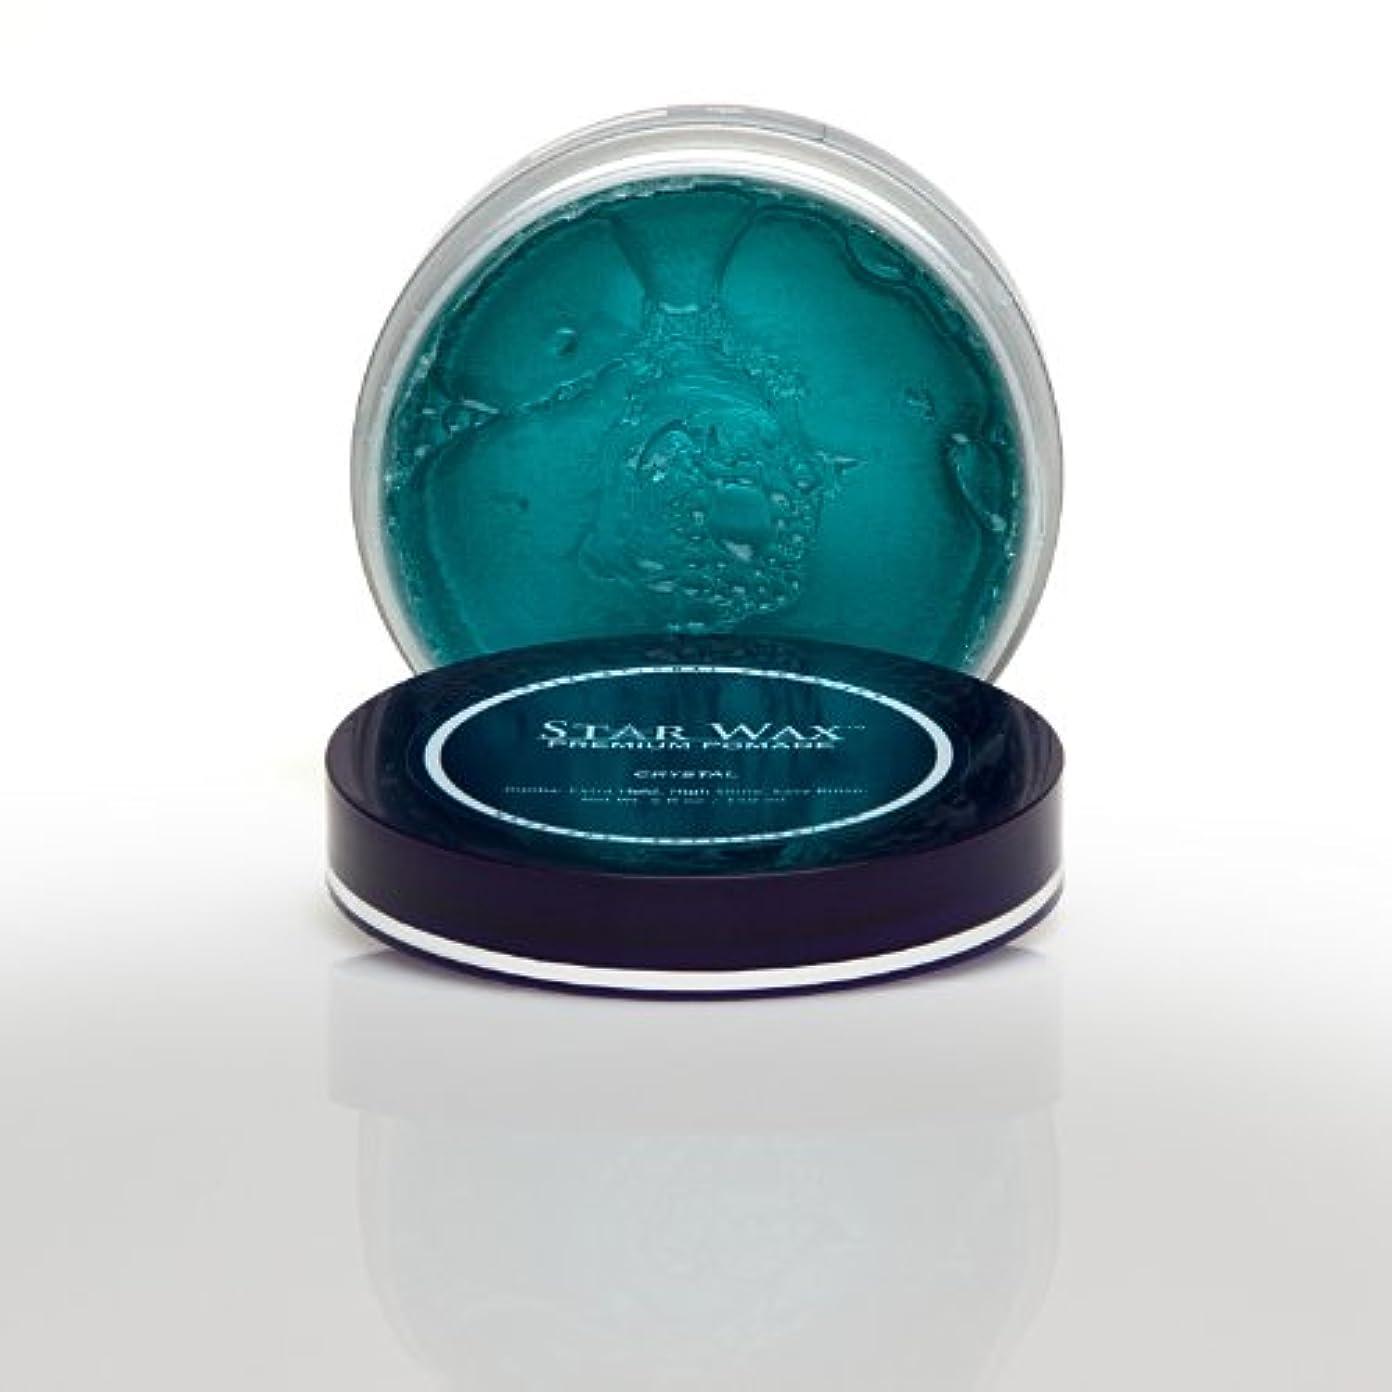 雄弁家うがい異形Star Wax | Premium Pomade, Crystal(スターワックスプレミアム ポマード「クリスタル」)?Star Pro Line(スタープロライン)製?5(液量)オンス/150ml